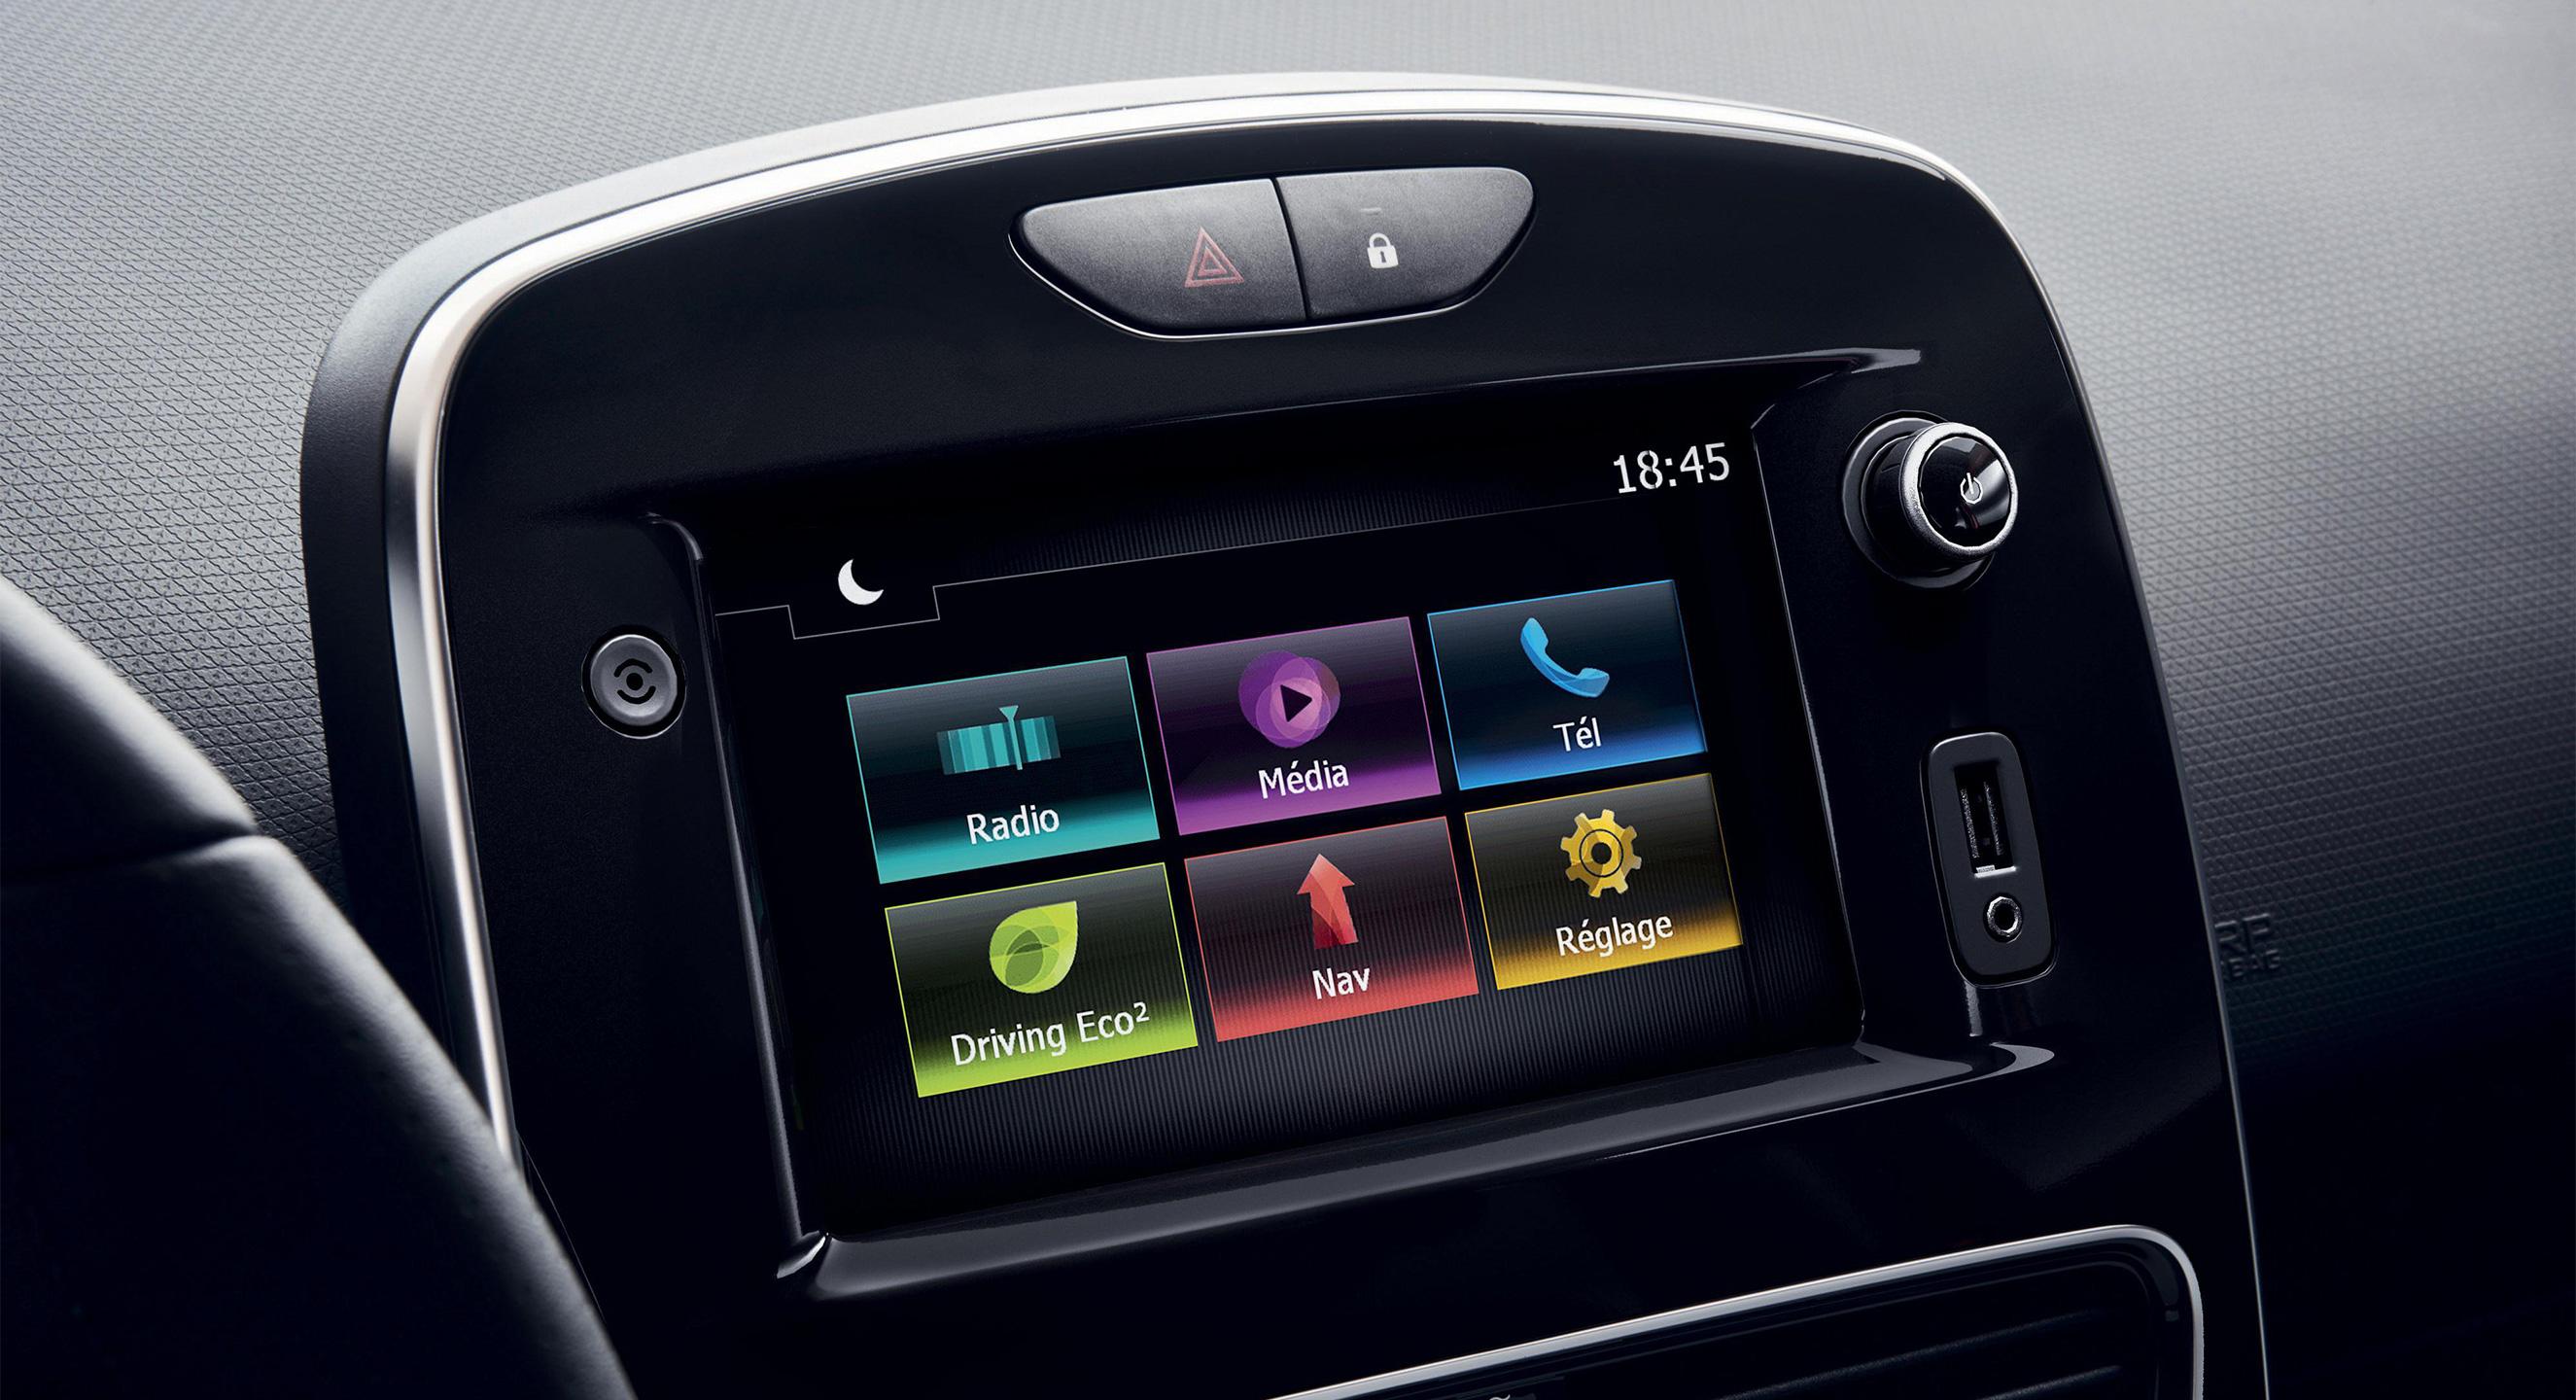 شاشة لمس متعددة الوسائط مقاس 7 بوصات (راديو MP3 و Bluetooth® ومآخذ USB ومقبس)